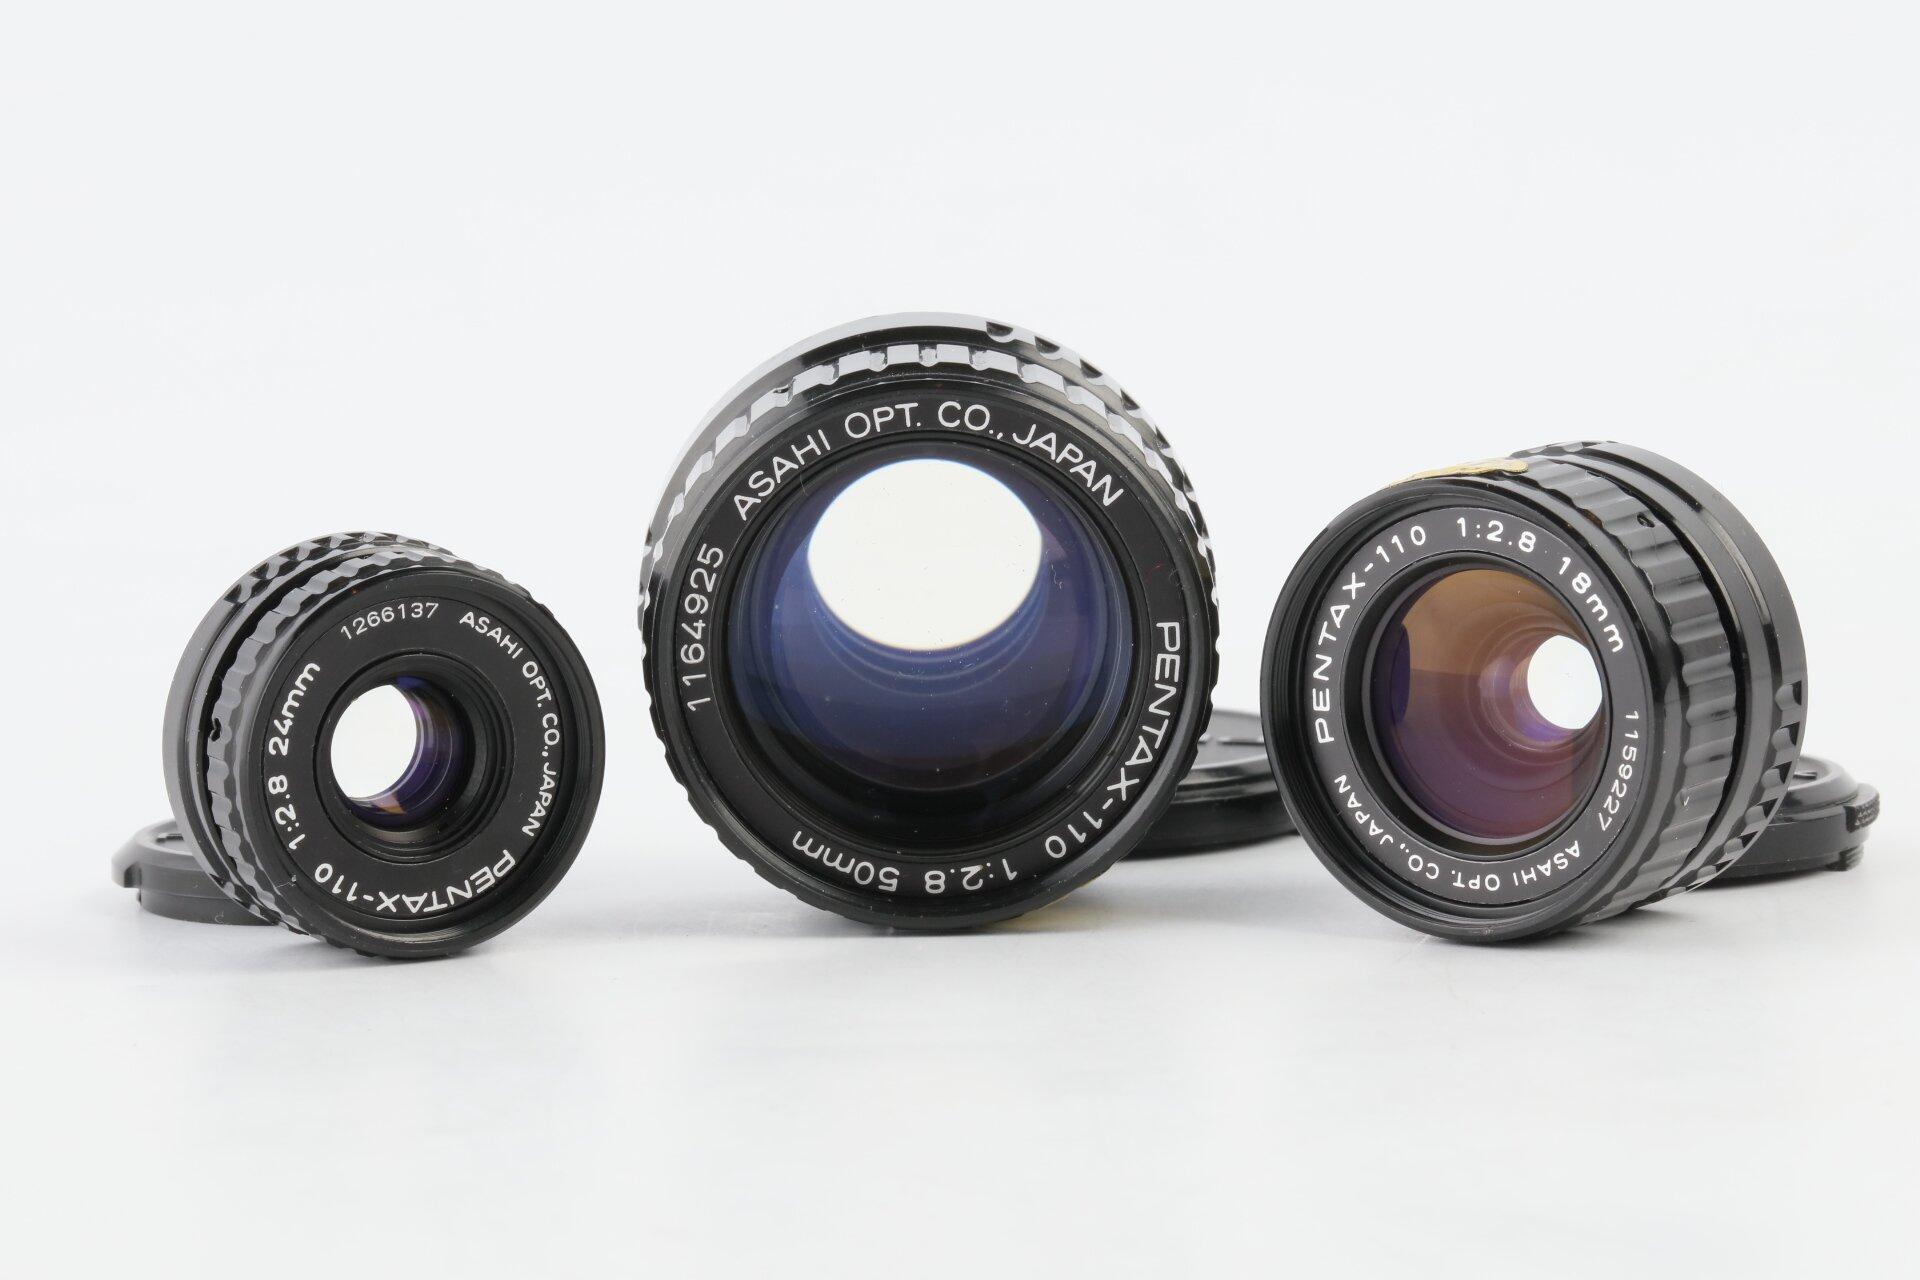 Pentax-110 Objektive 18mm, 24mm, 50mm 2,8